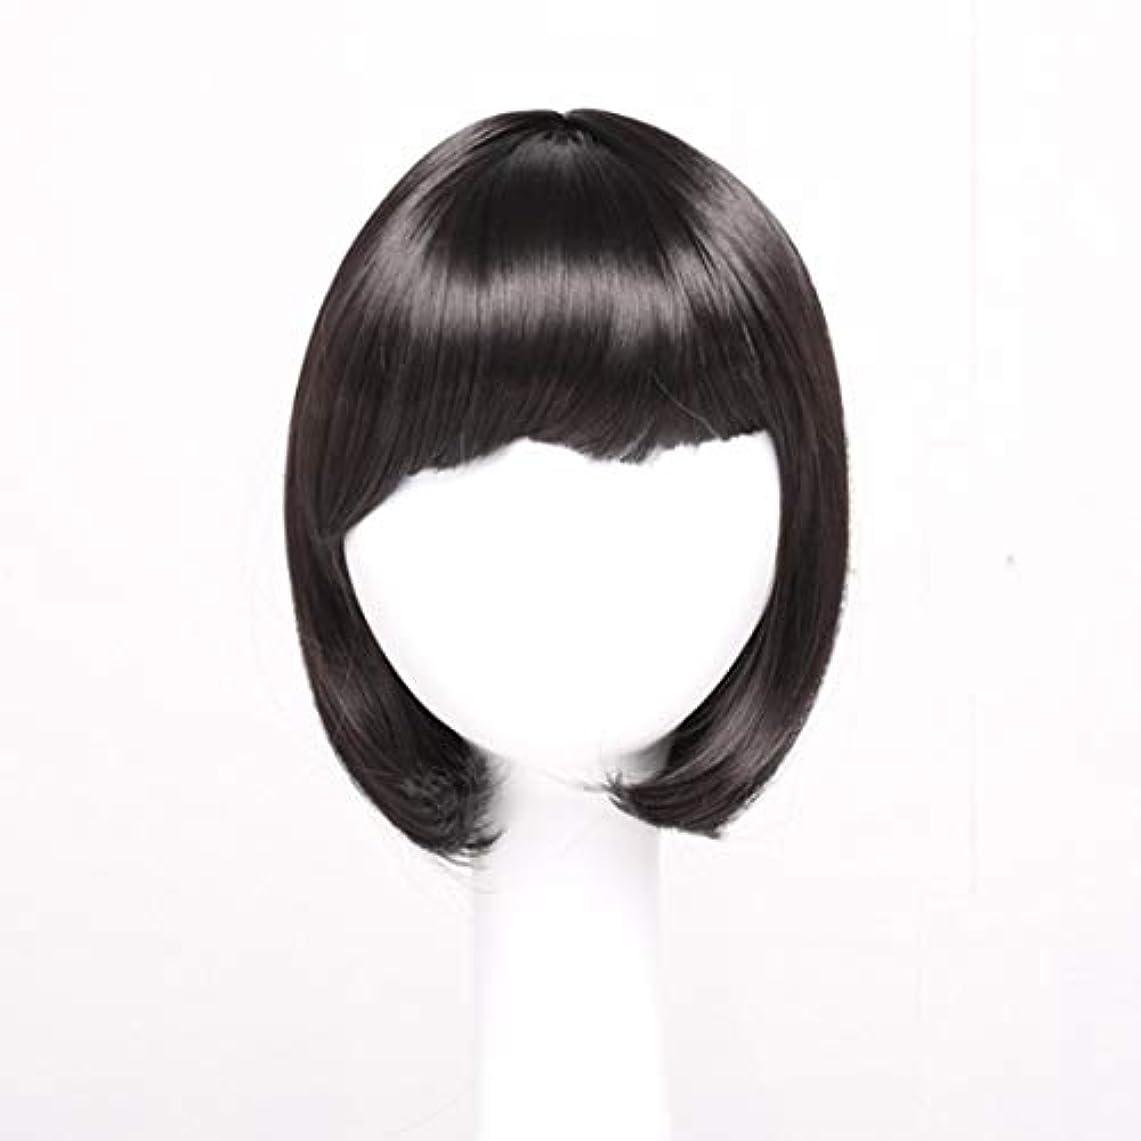 部門葉っぱ案件Kerwinner ショートボブの髪ウィッグストレート前髪付き合成カラフルなコスプレデイリーパーティーウィッグ本物の髪として自然な女性のための